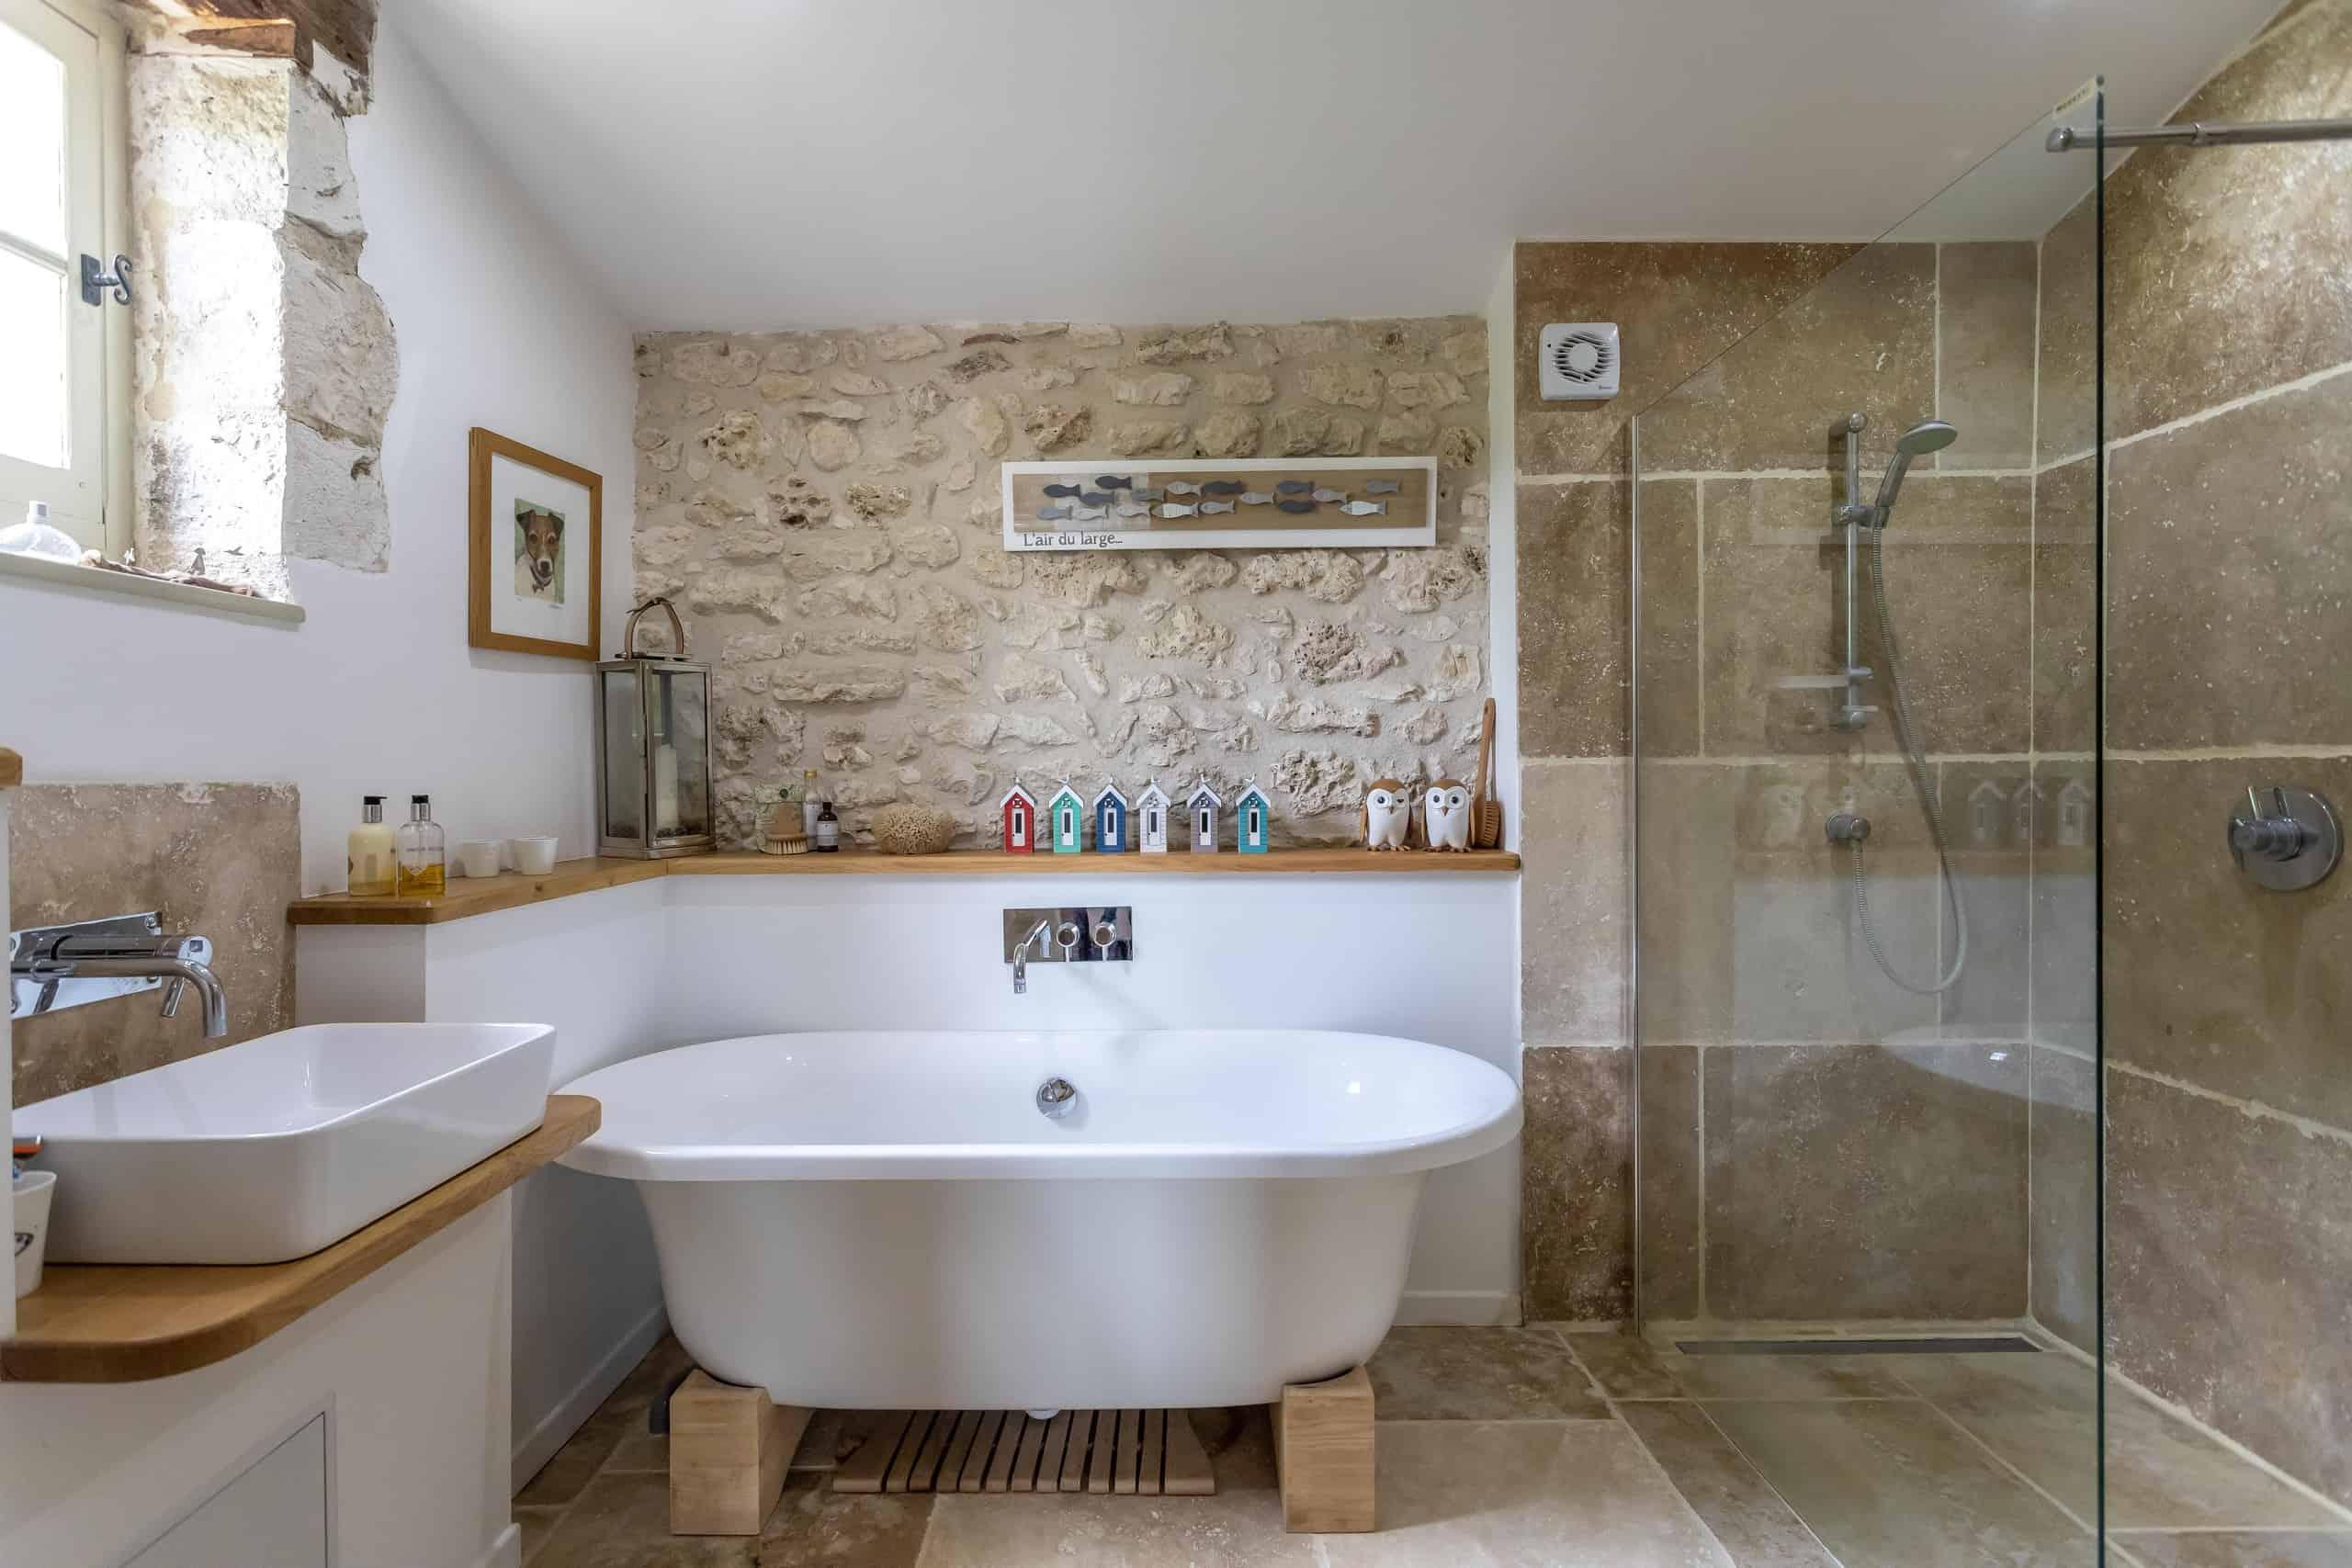 Salle de bain-WMC073